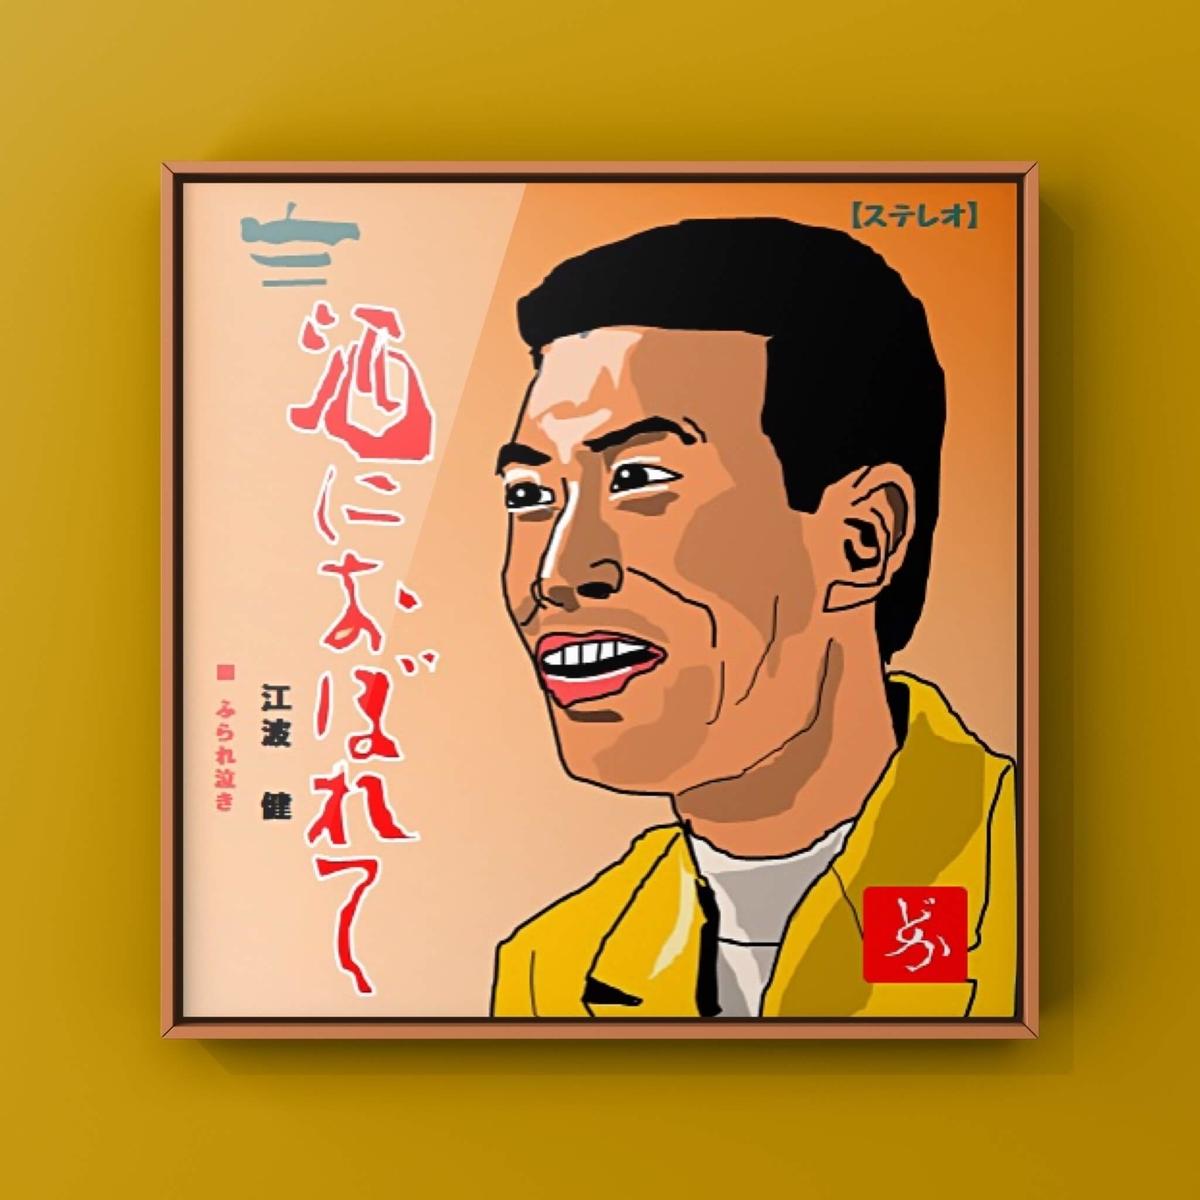 中野の居酒屋「番屋」の大将の歌手時代のレコードのエクセル画イラスト額装版